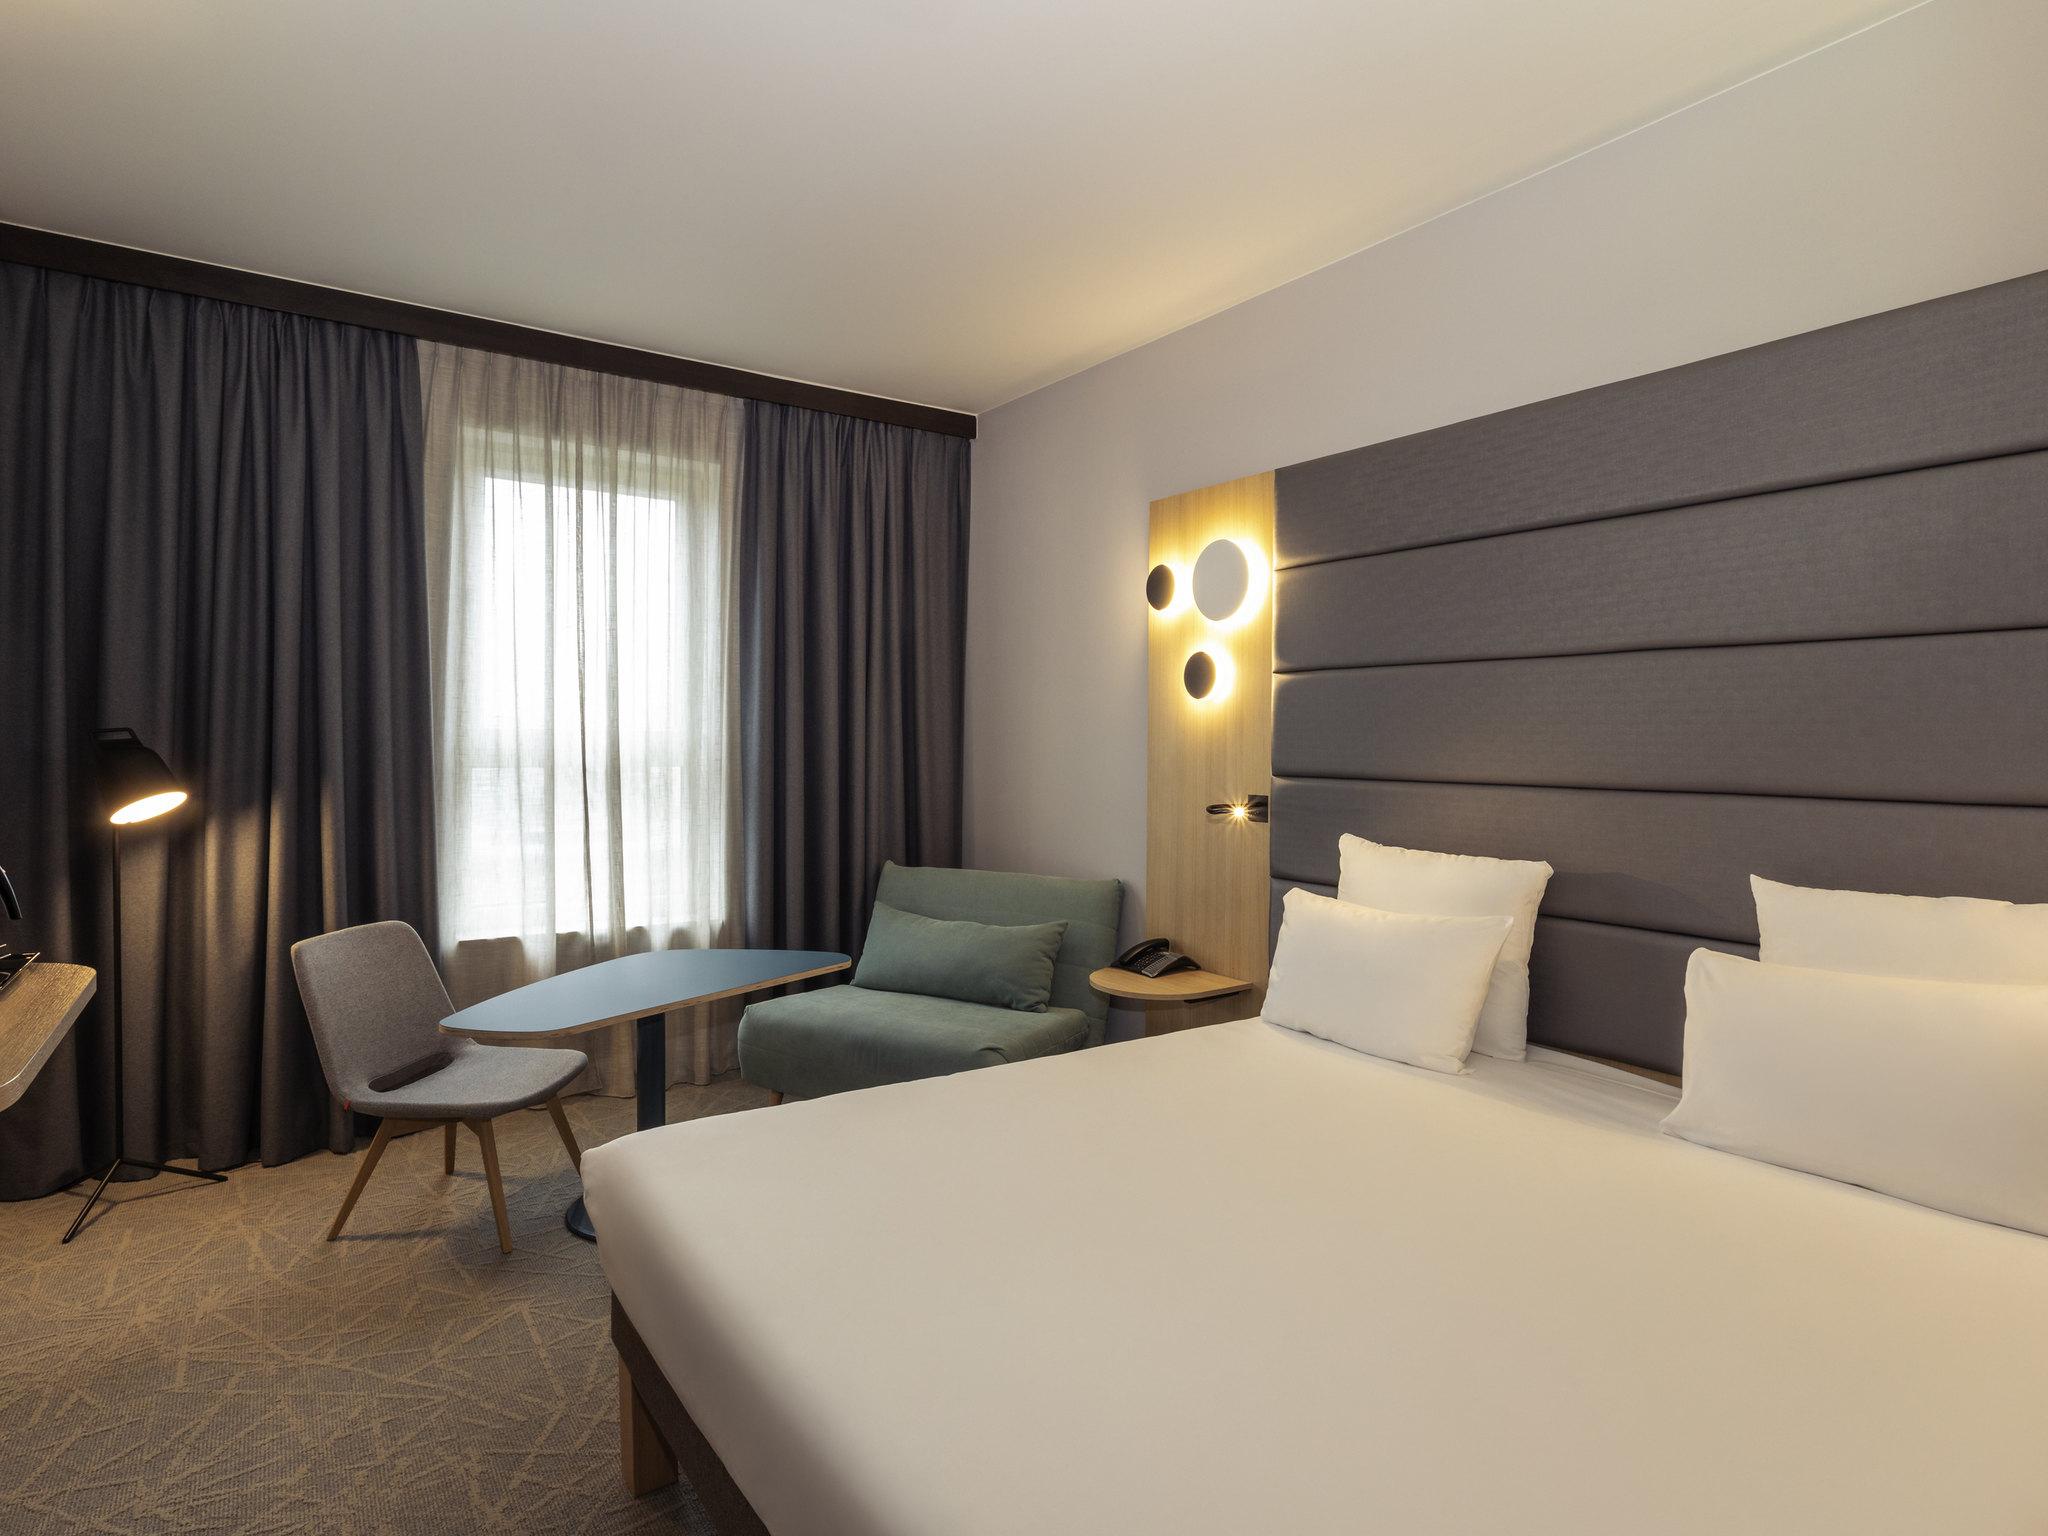 โรงแรม – โนโวเทล บรัสเซลส์ เซ็นเตอร์ มีดี สเตชั่น